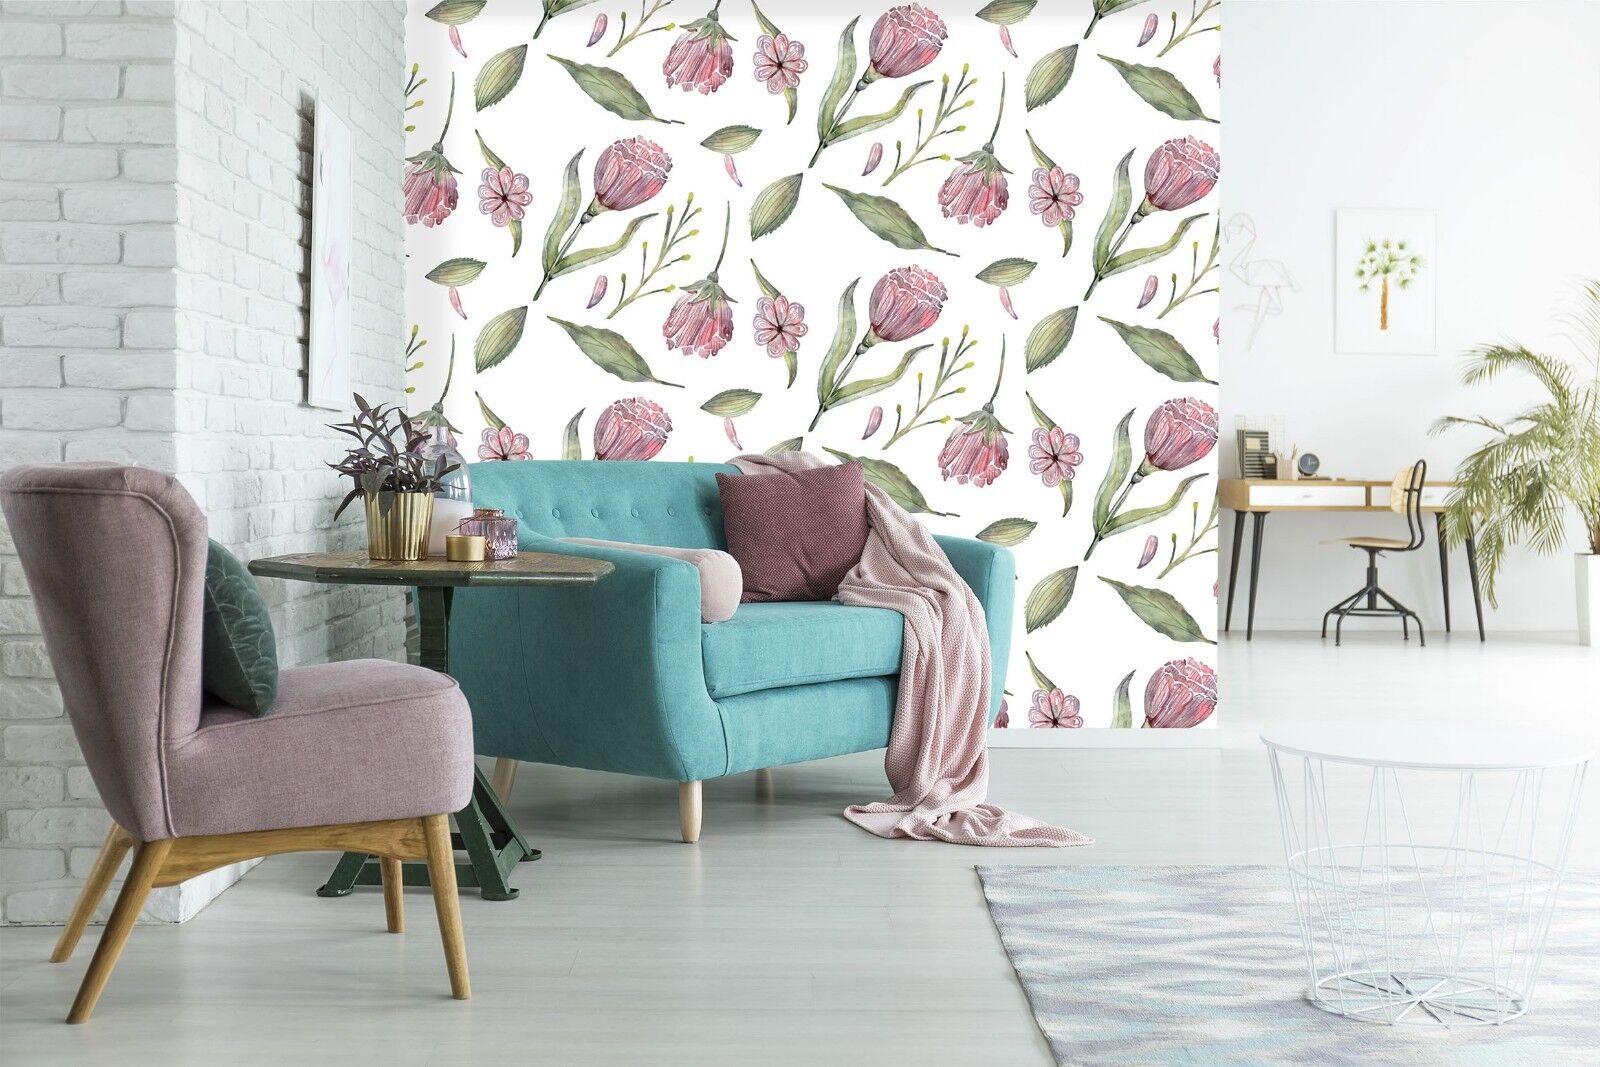 3D ROT Flower Floral 78 Wallpaper Mural Paper Wall Print Indoor Murals CA Summer